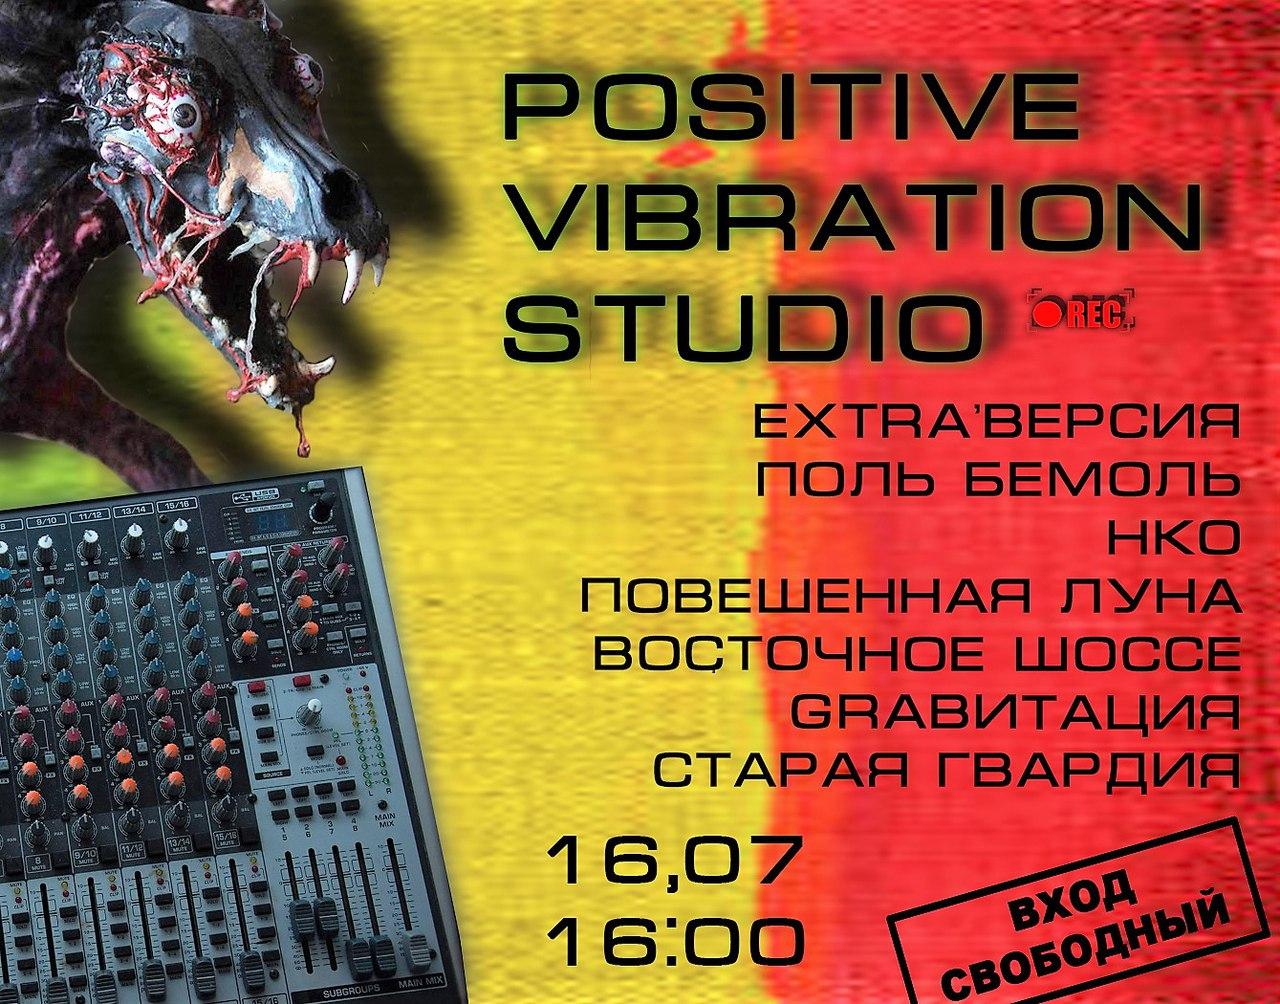 """Афиша Хабаровск Открытие """"Positive Vibration Studio"""""""